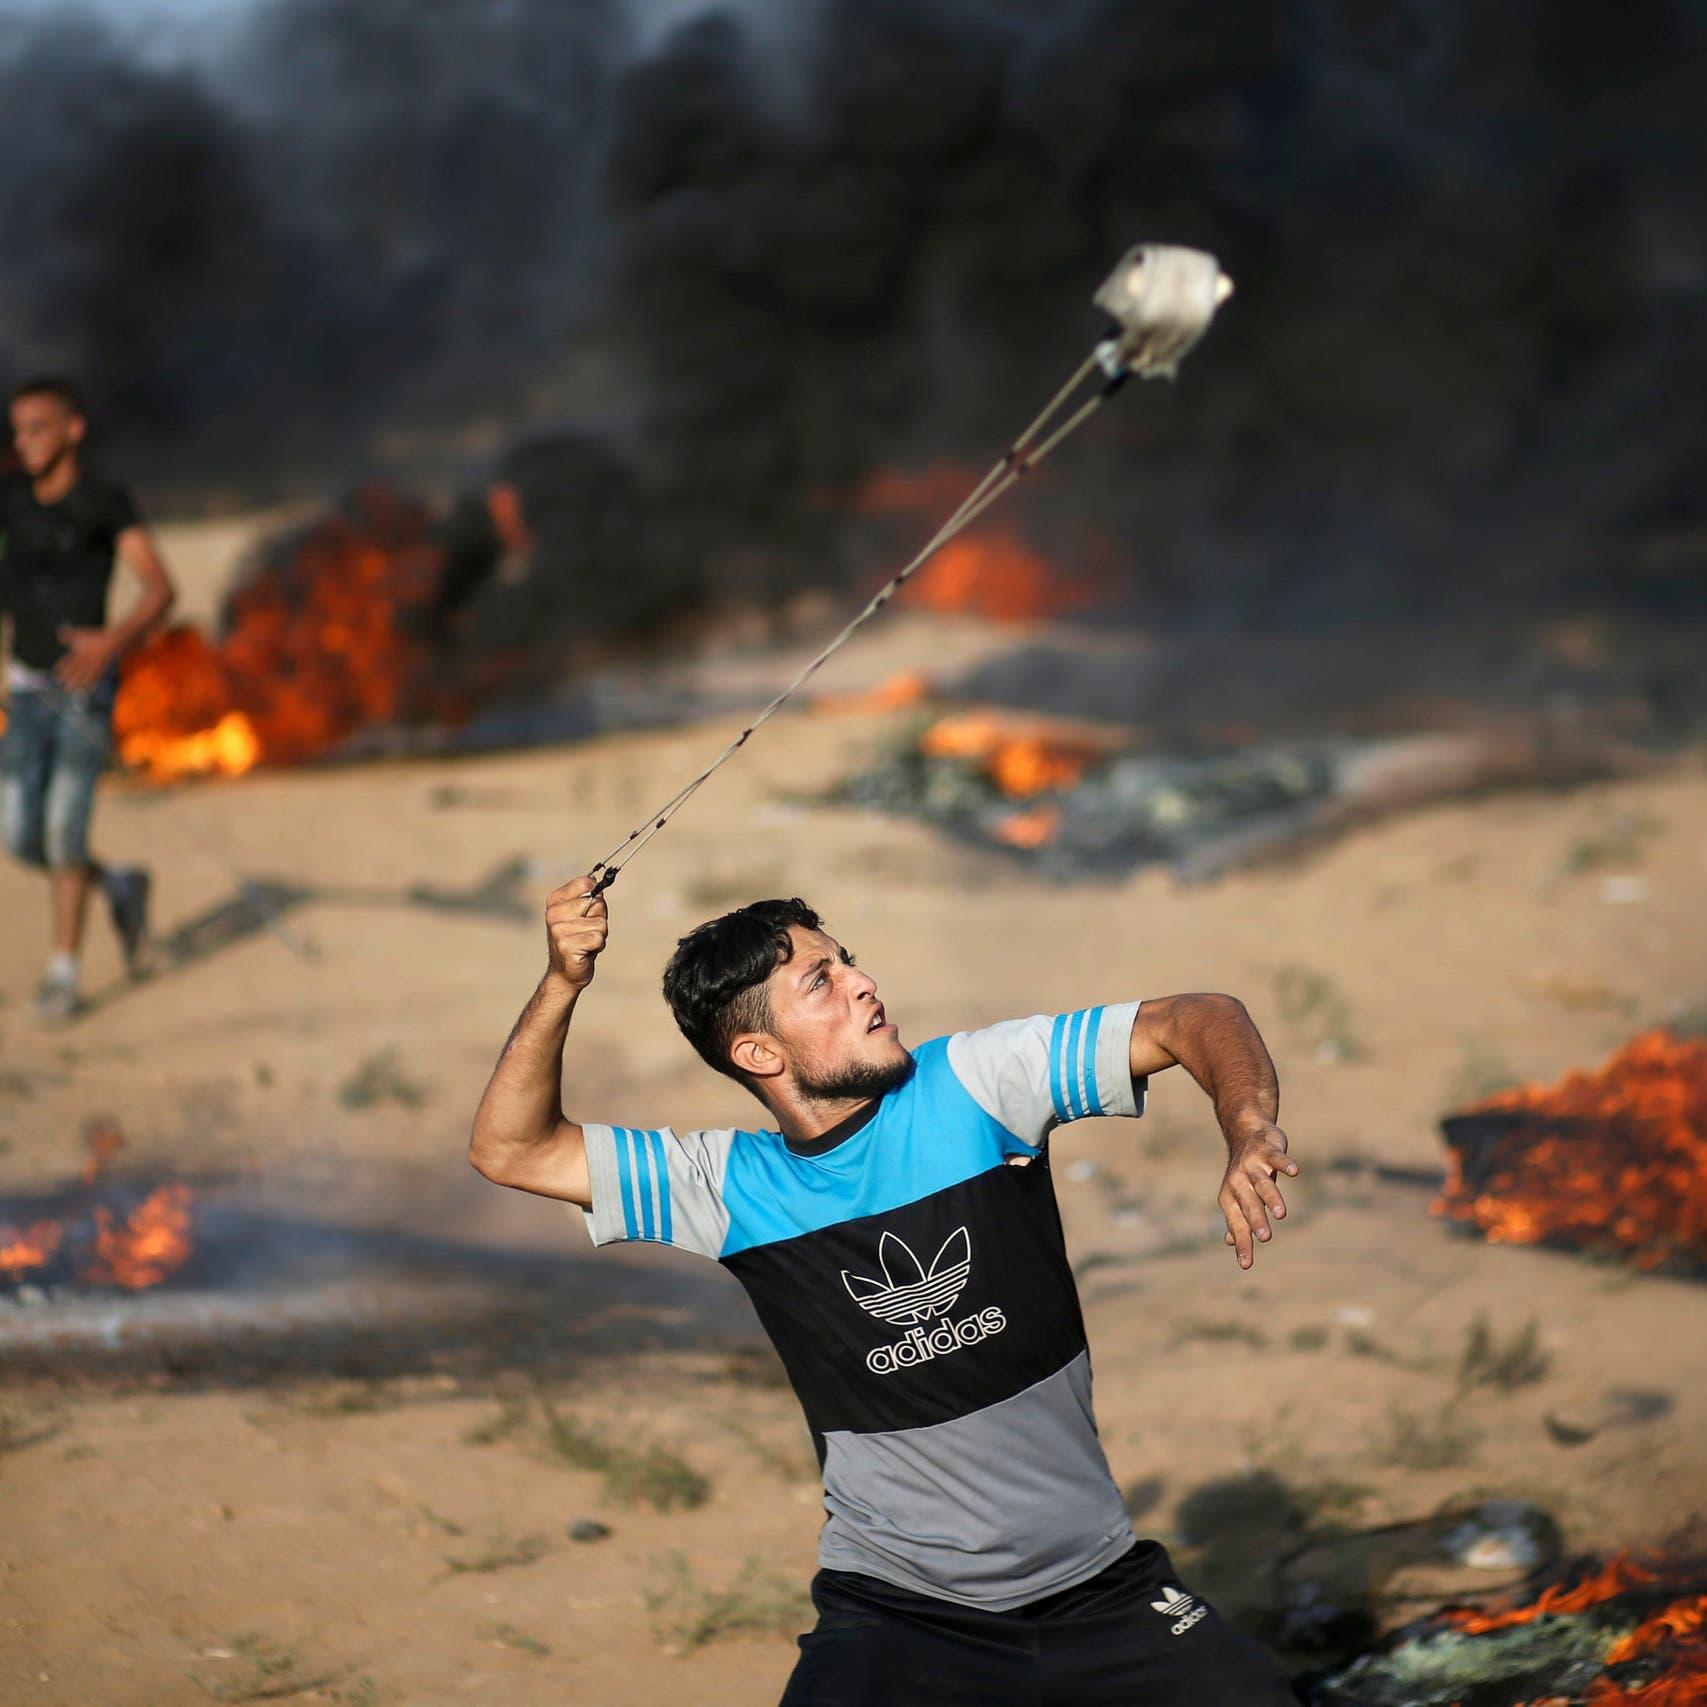 إسرائيل تدق طبول الحرب ضد قطاع غزة.. وتهرول لمنعها!